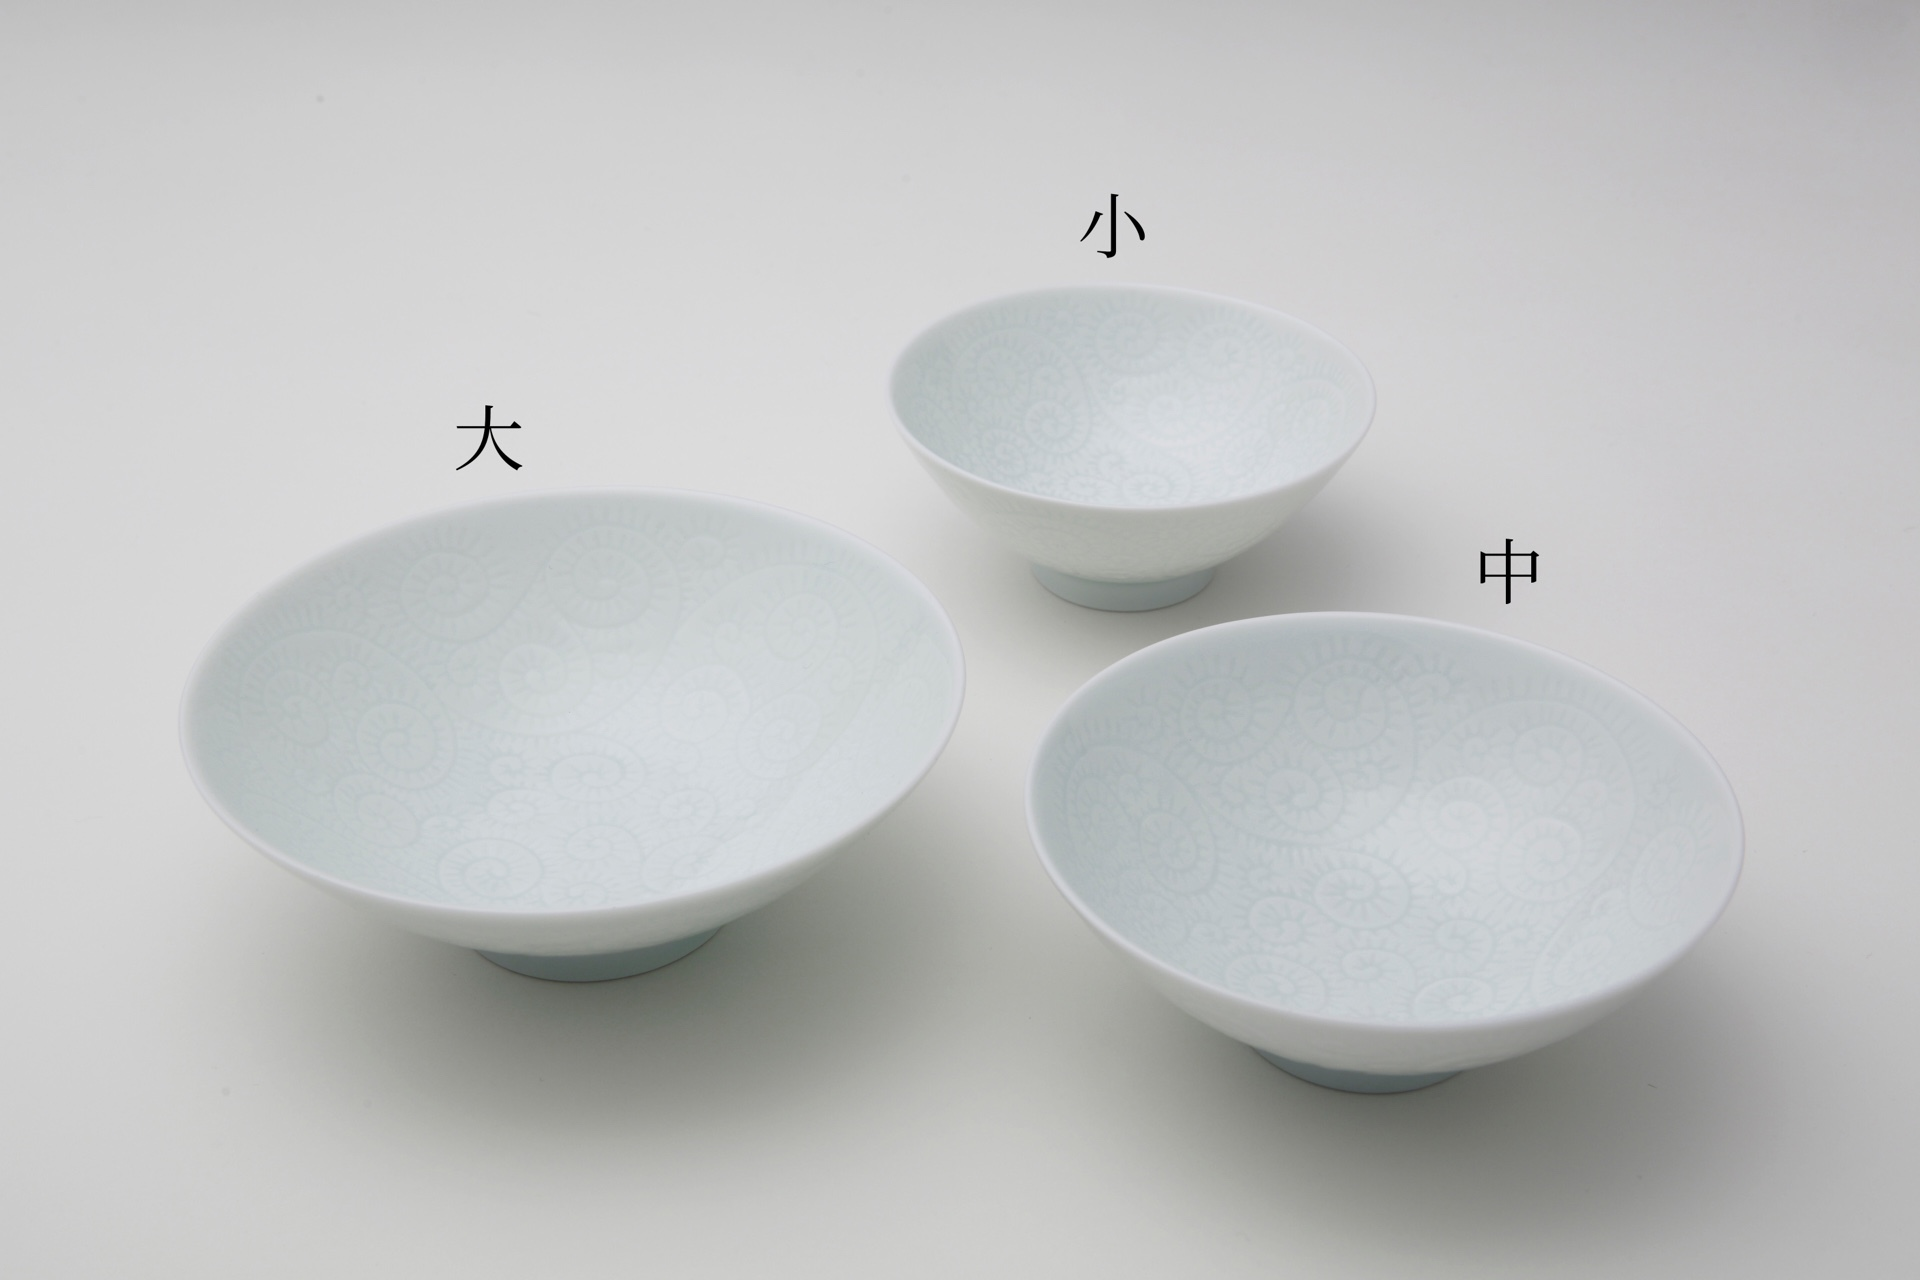 豚肉と白菜の味噌バター炒め_f0220354_11131565.jpeg